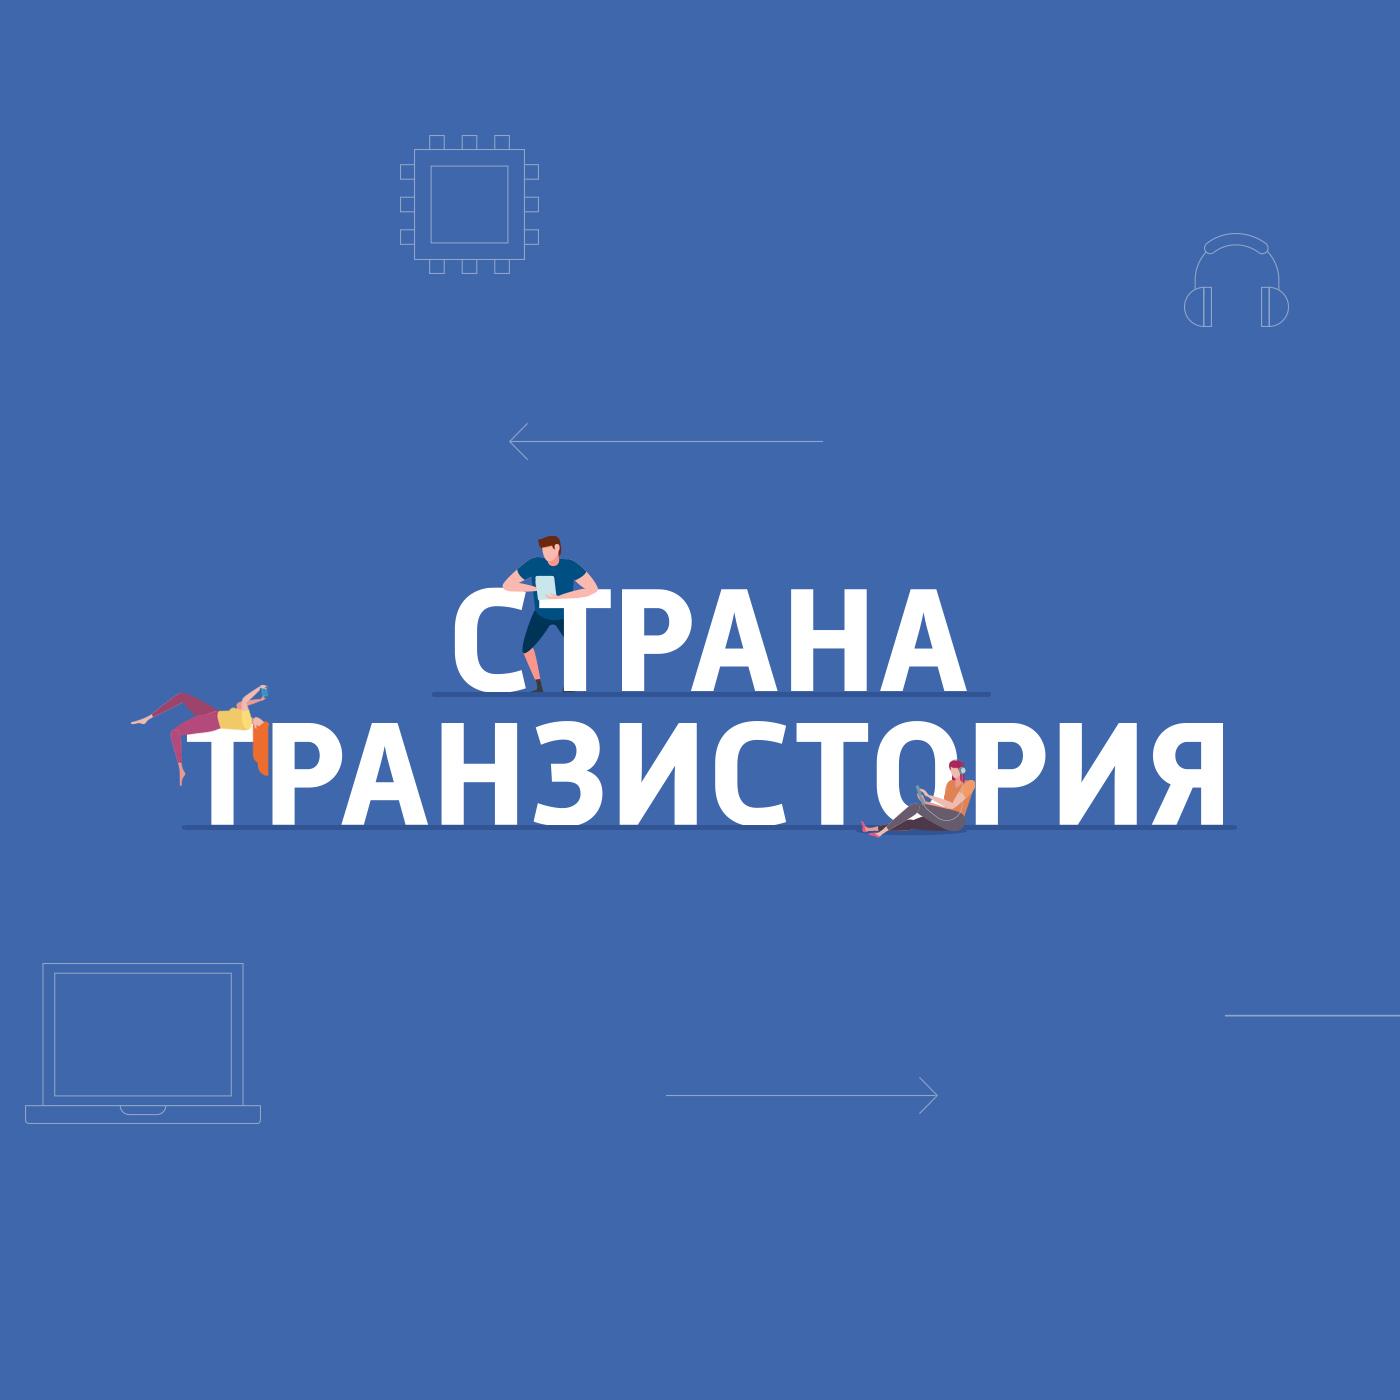 Картаев Павел Bazelevs и Microsoft договорились о стратегическом сотрудничестве картаев павел hmd global выпустила смартфон nokia 8 eset обнаружила вирус для устройств на андроиде